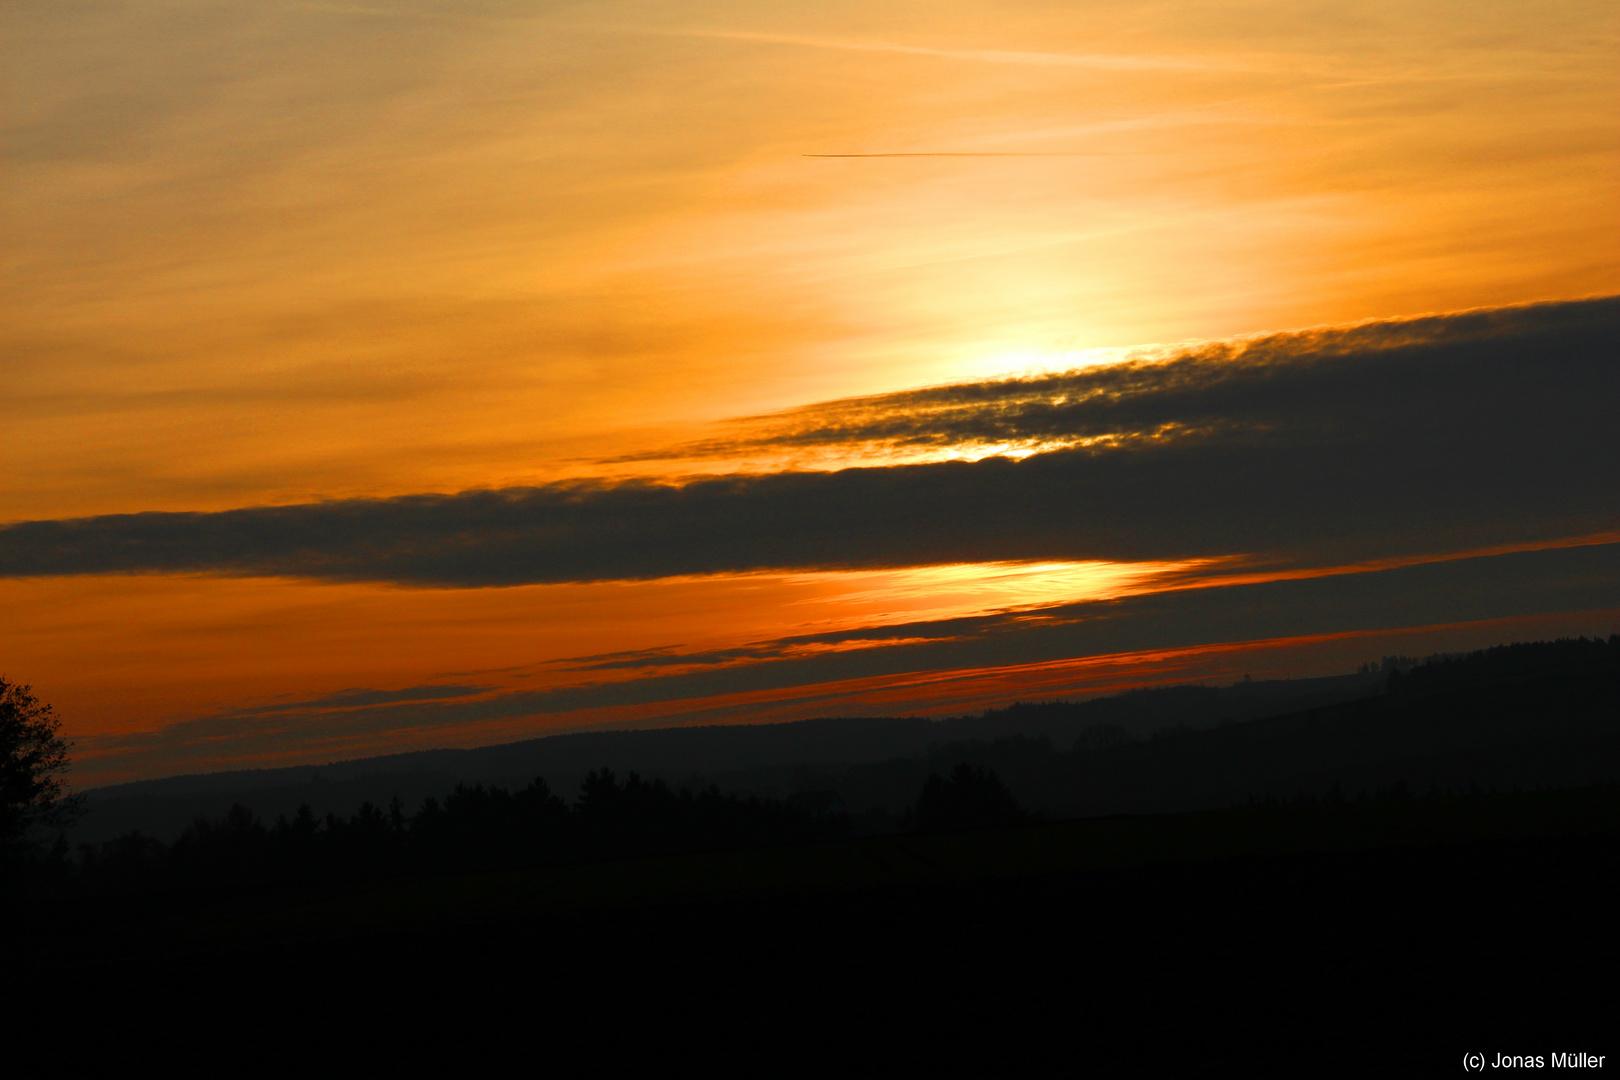 Sonnenuntergang über Wölbattendorf (bei Hof)